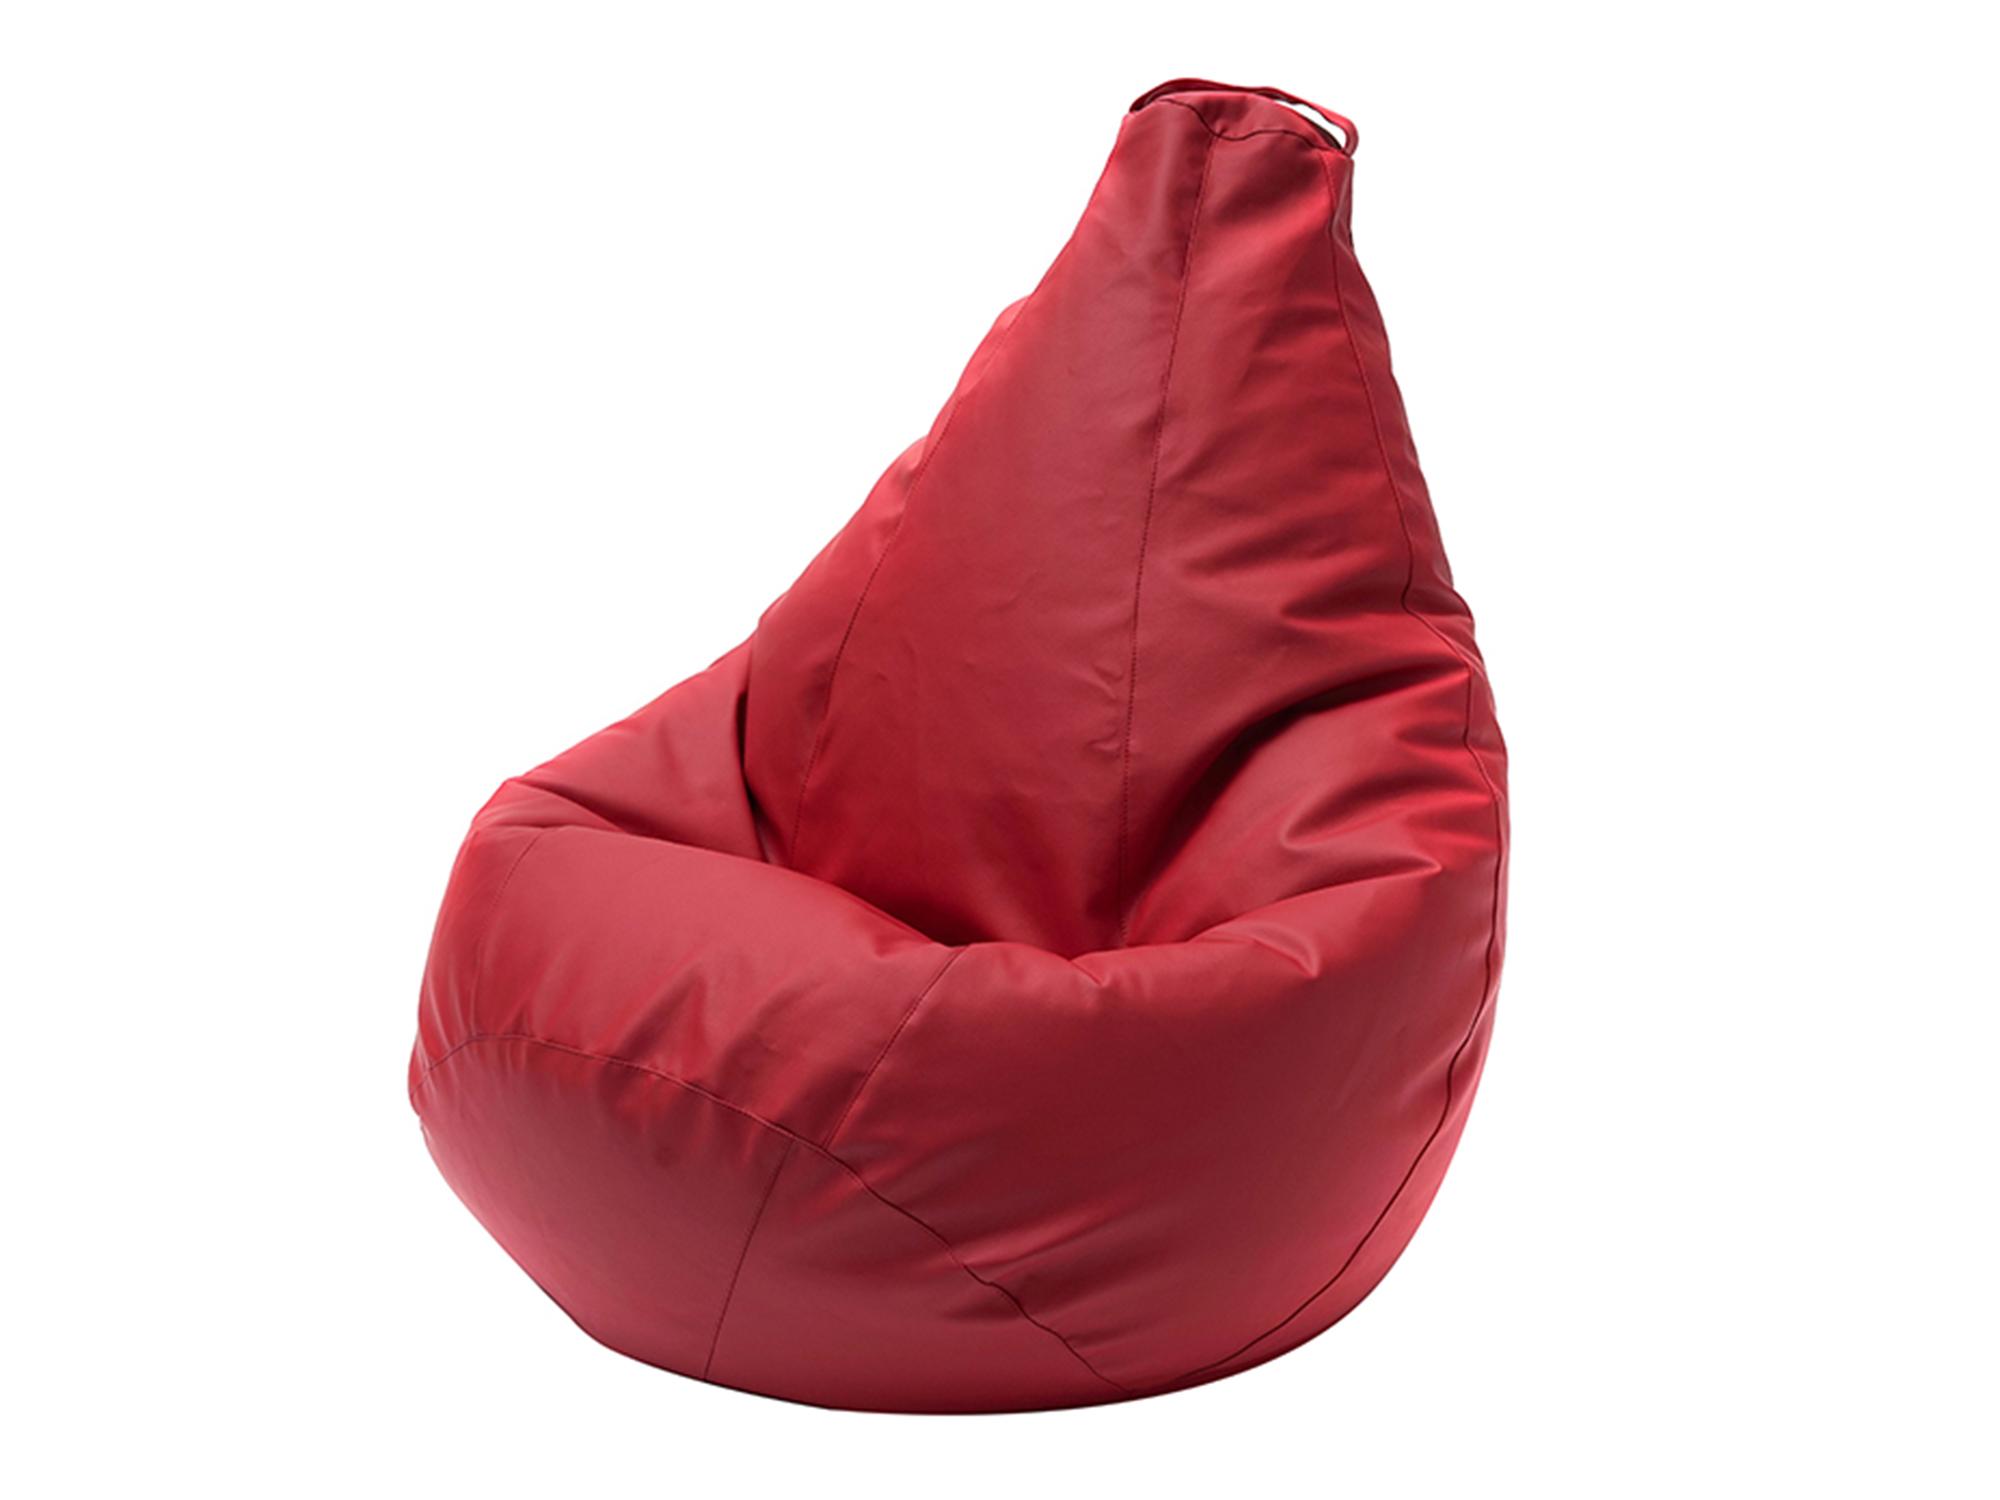 Кресло Мешок XL 125х85 MebelVia , Красный, Экокожа кресло мешок флаги xl 125х85 mebelvia